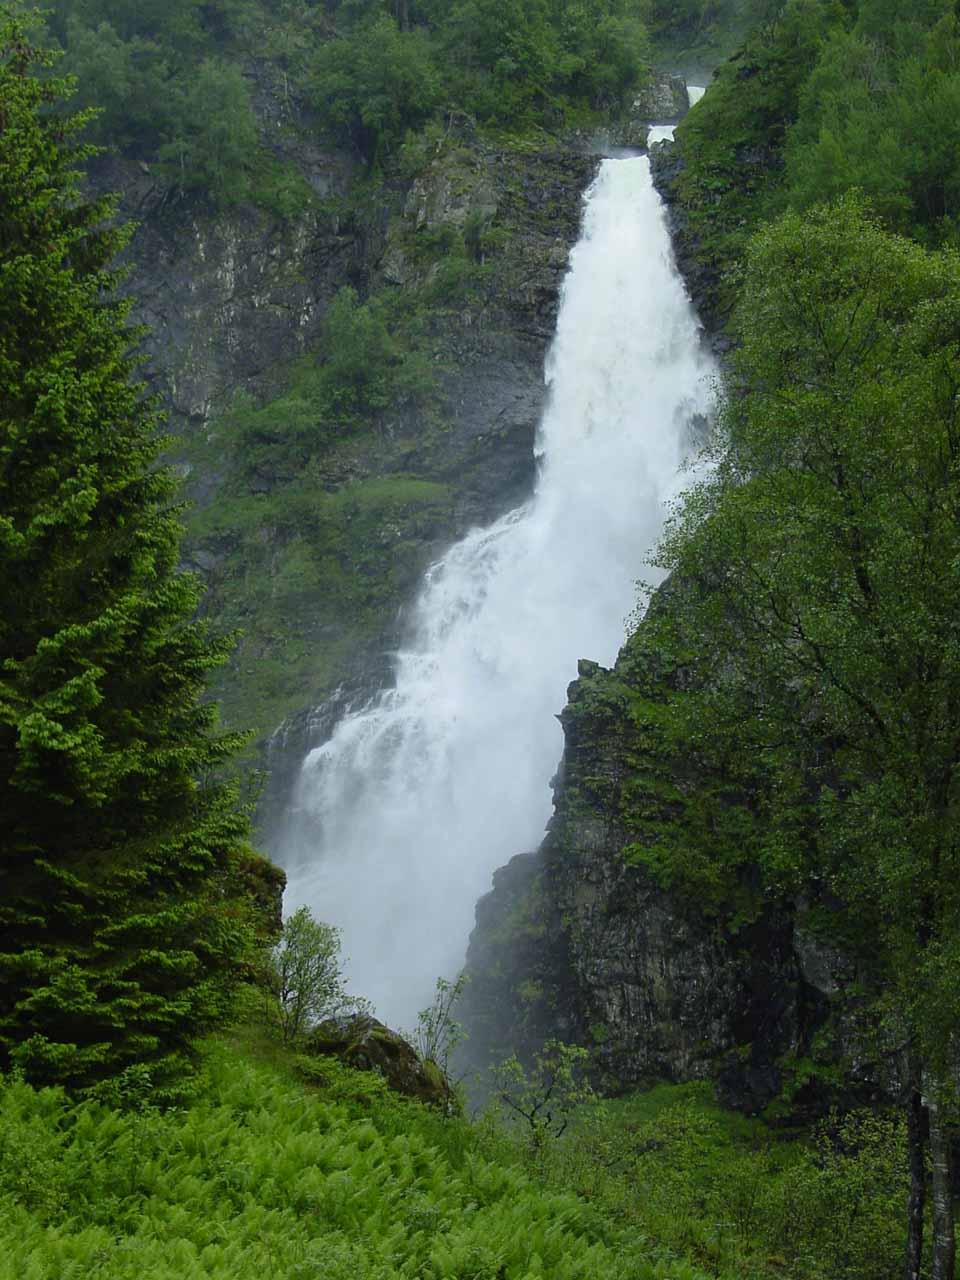 Further down Stalheimskleiva, we started to get more direct views of Stalheimsfossen